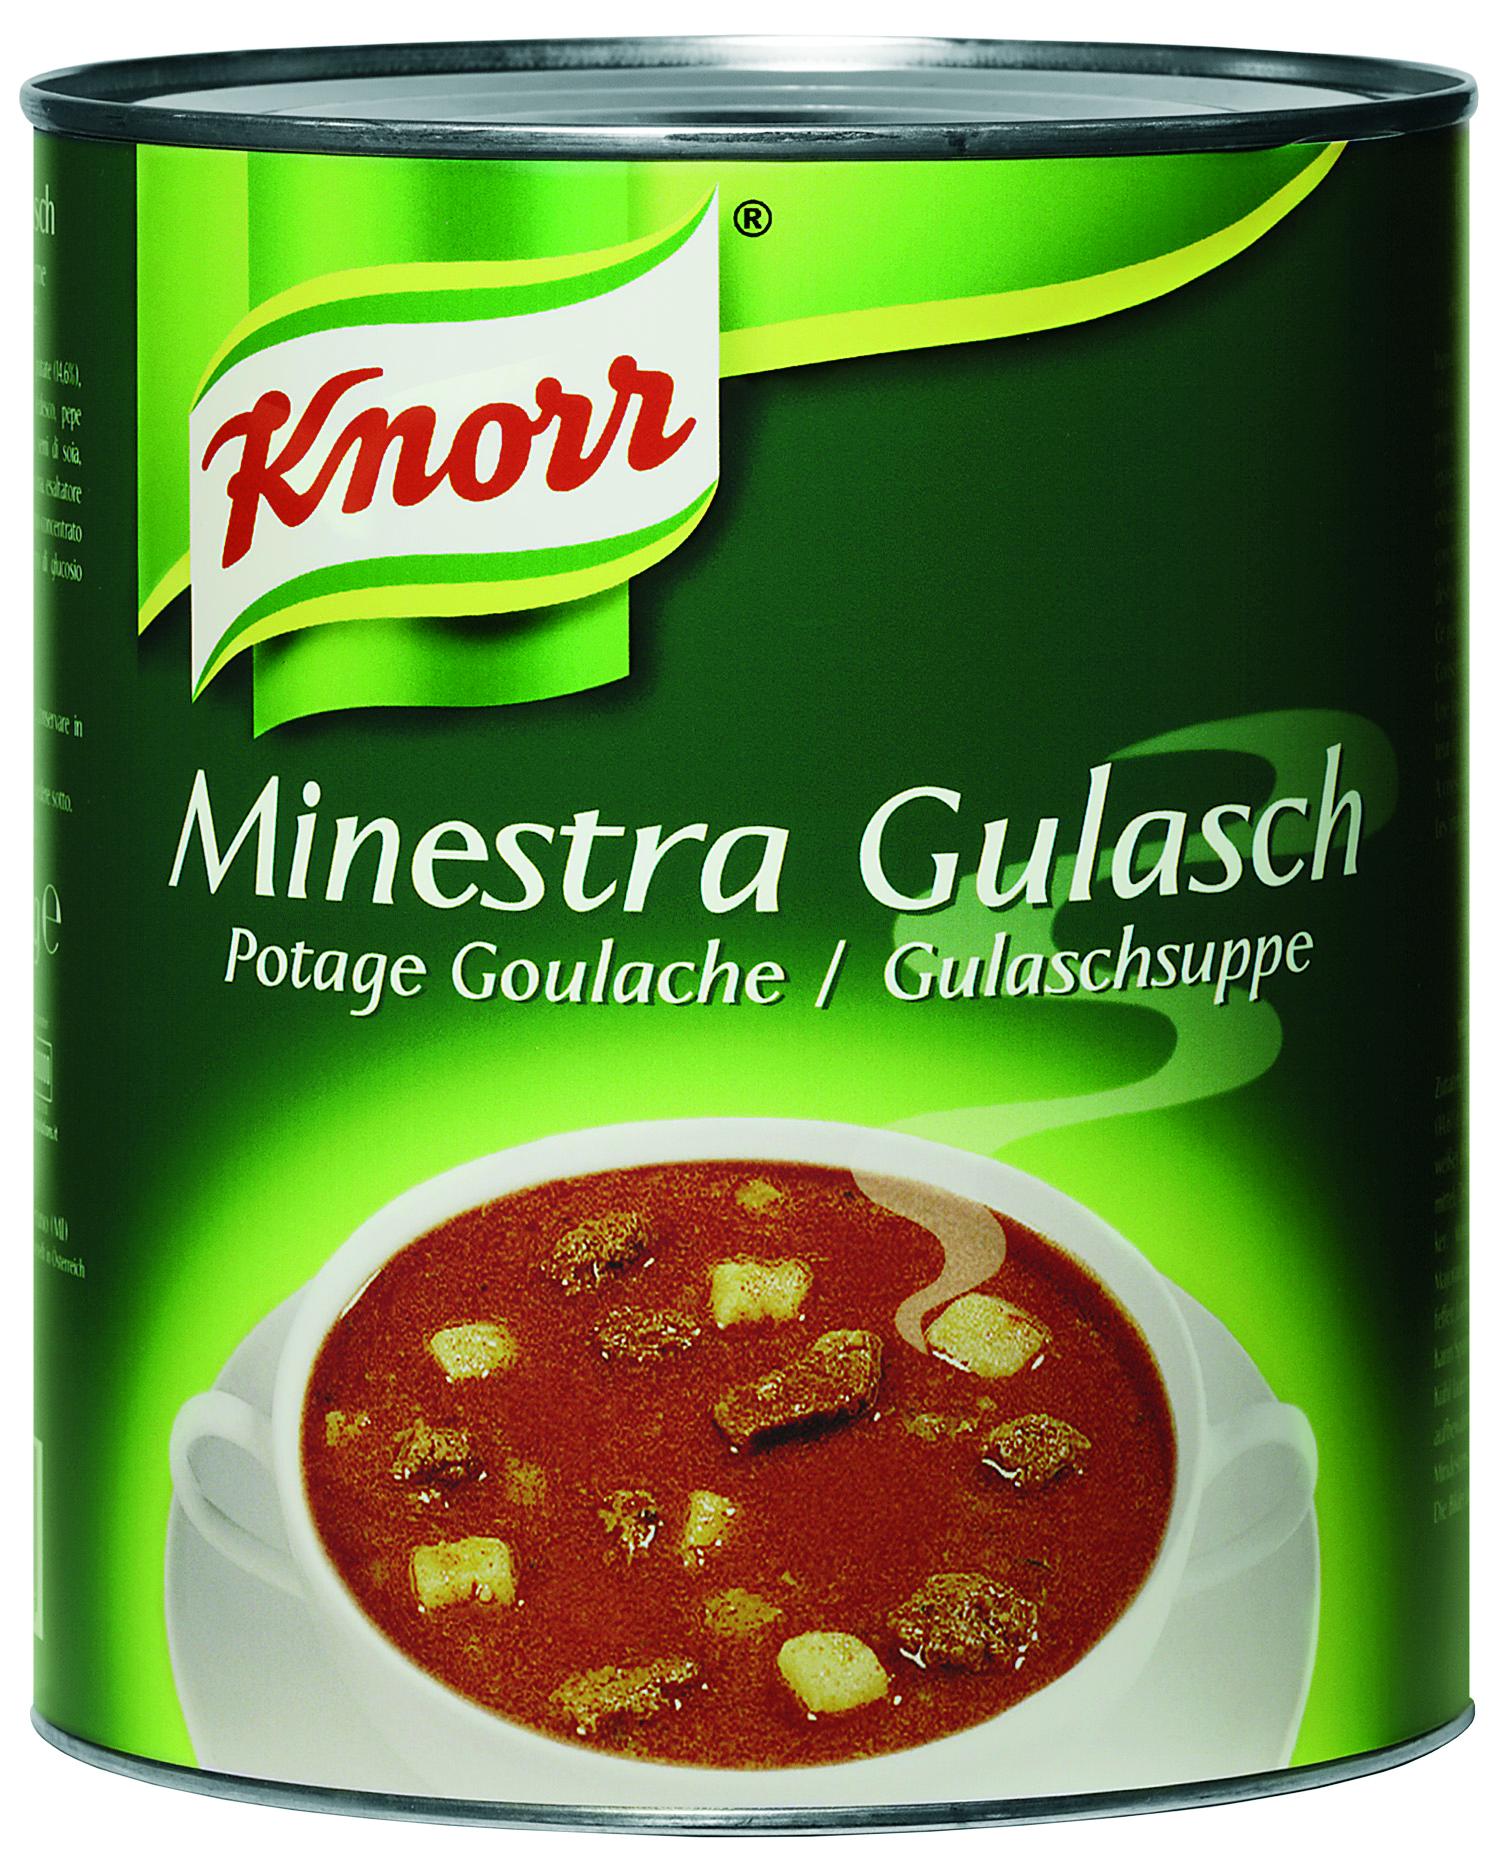 Minestra Gulasch